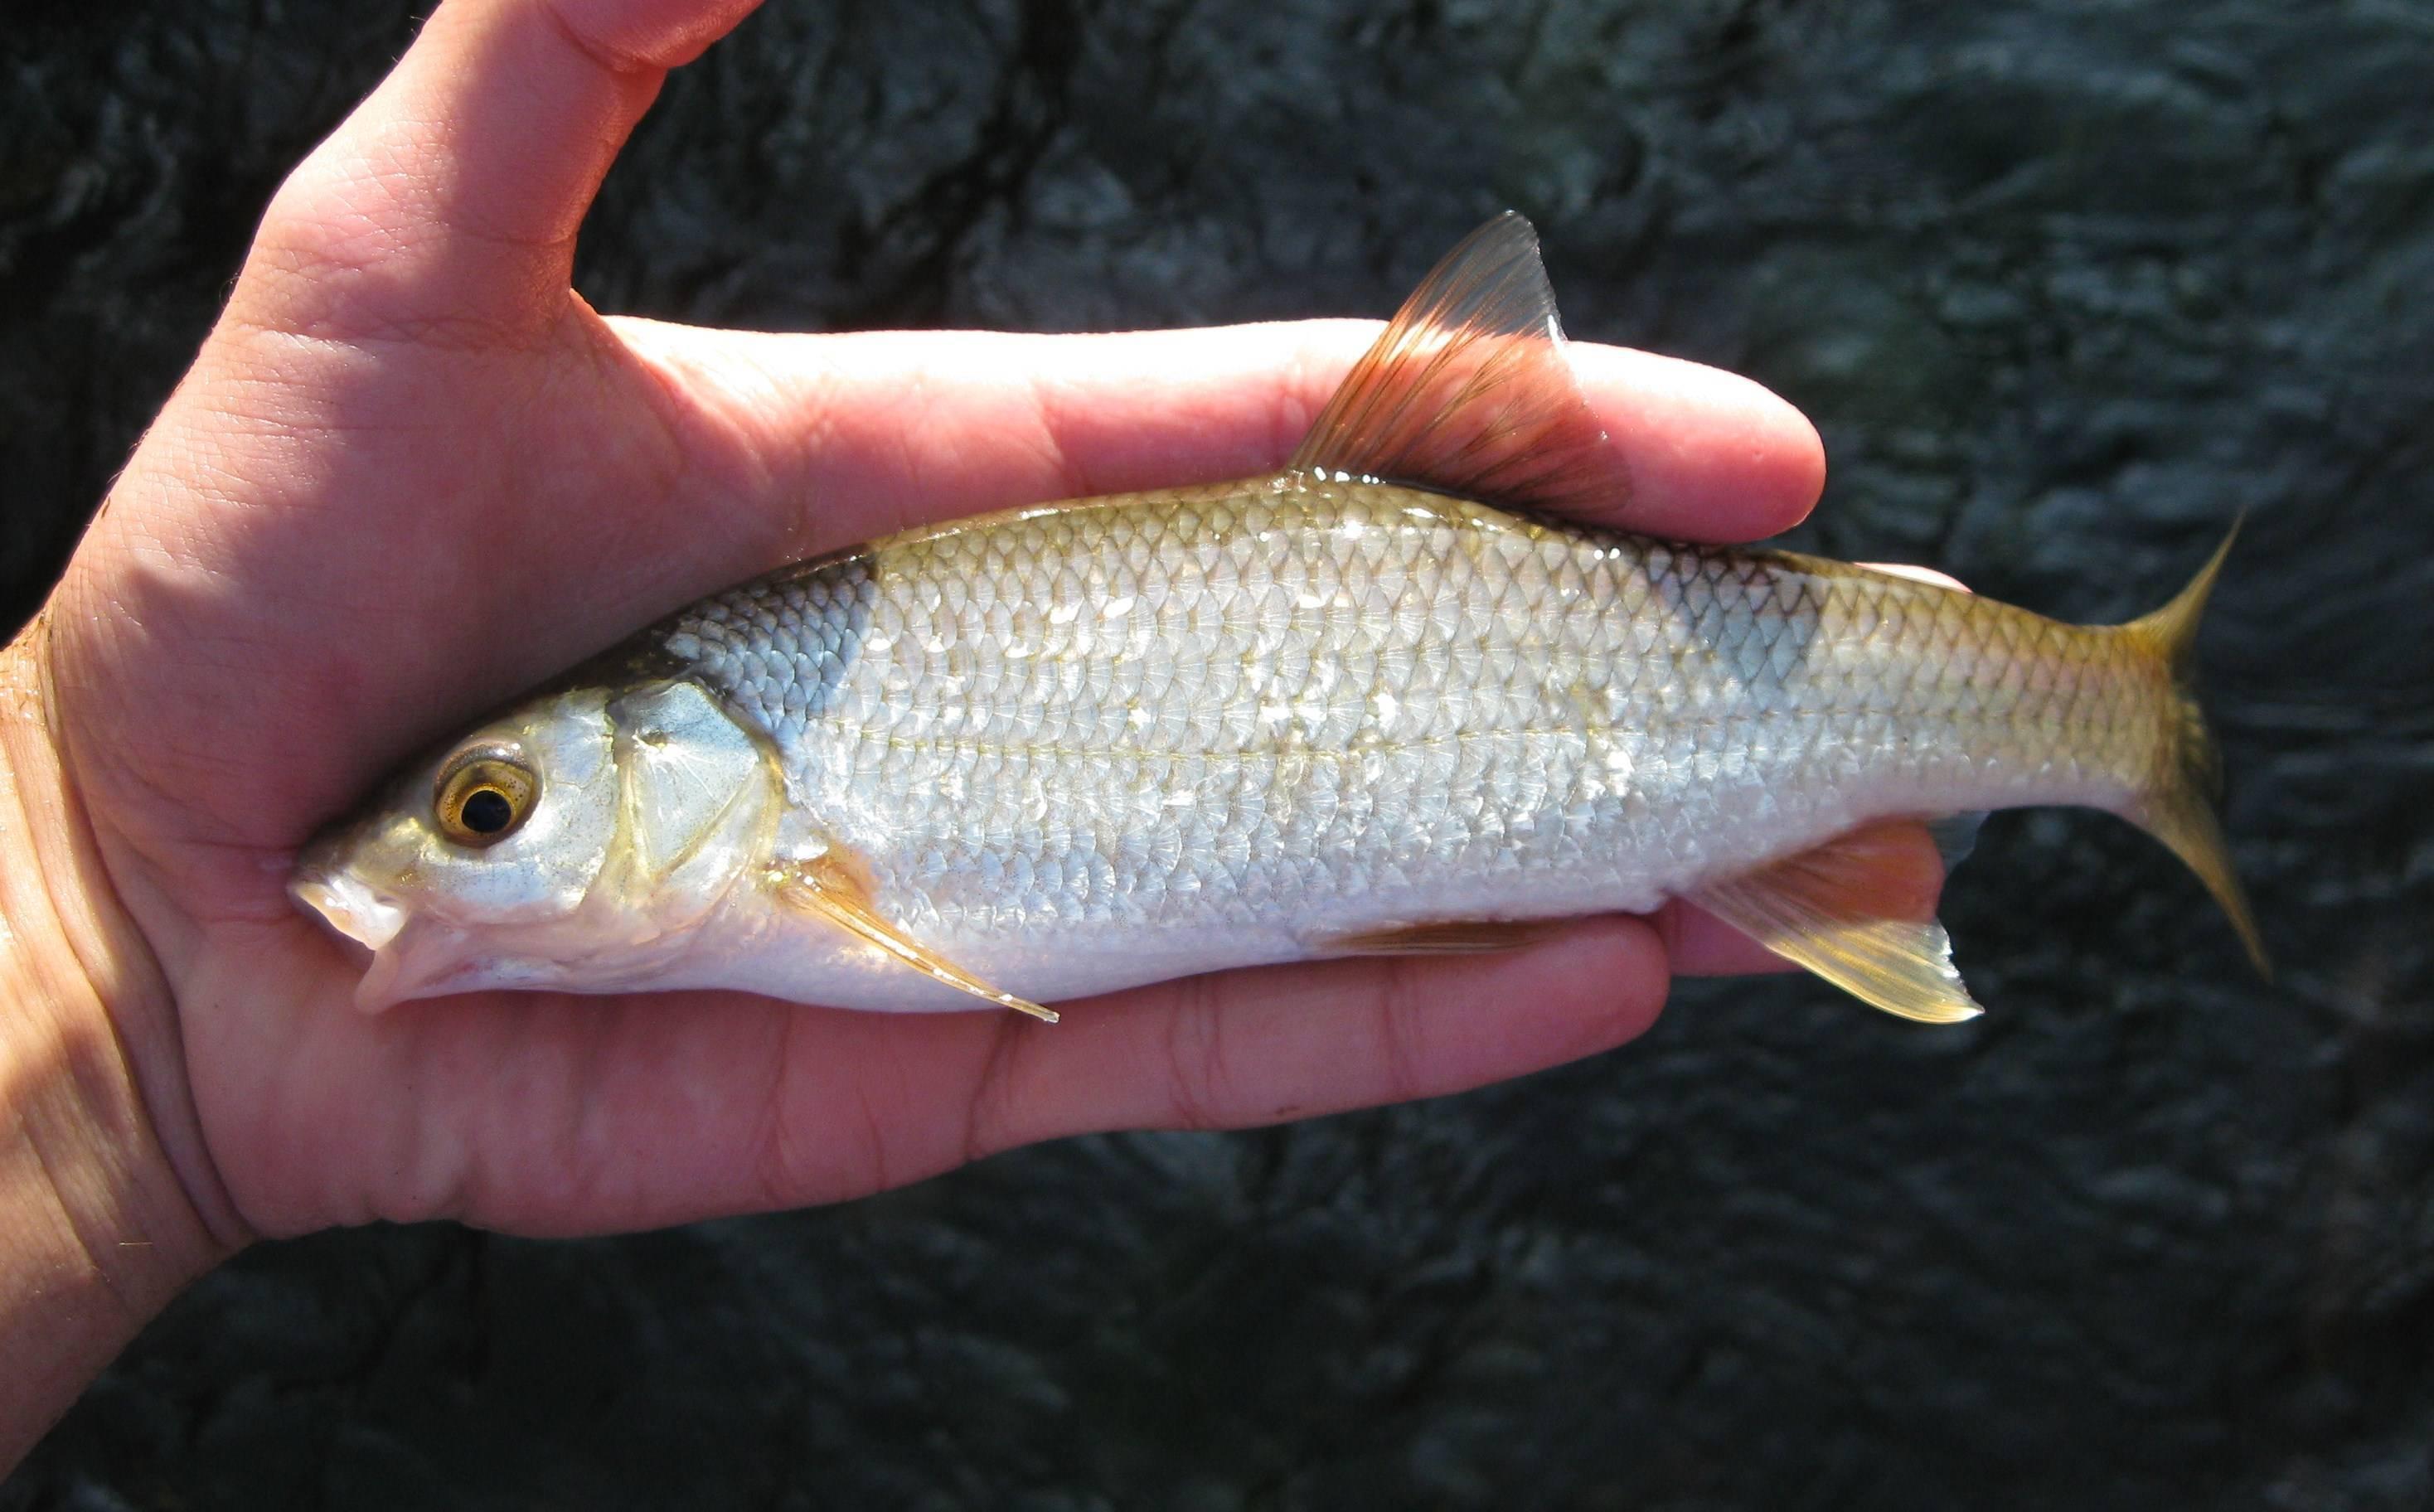 Рыба аргентина: польза и вред, где водится, как выглядит, какой вкус, калорийность, отзывы